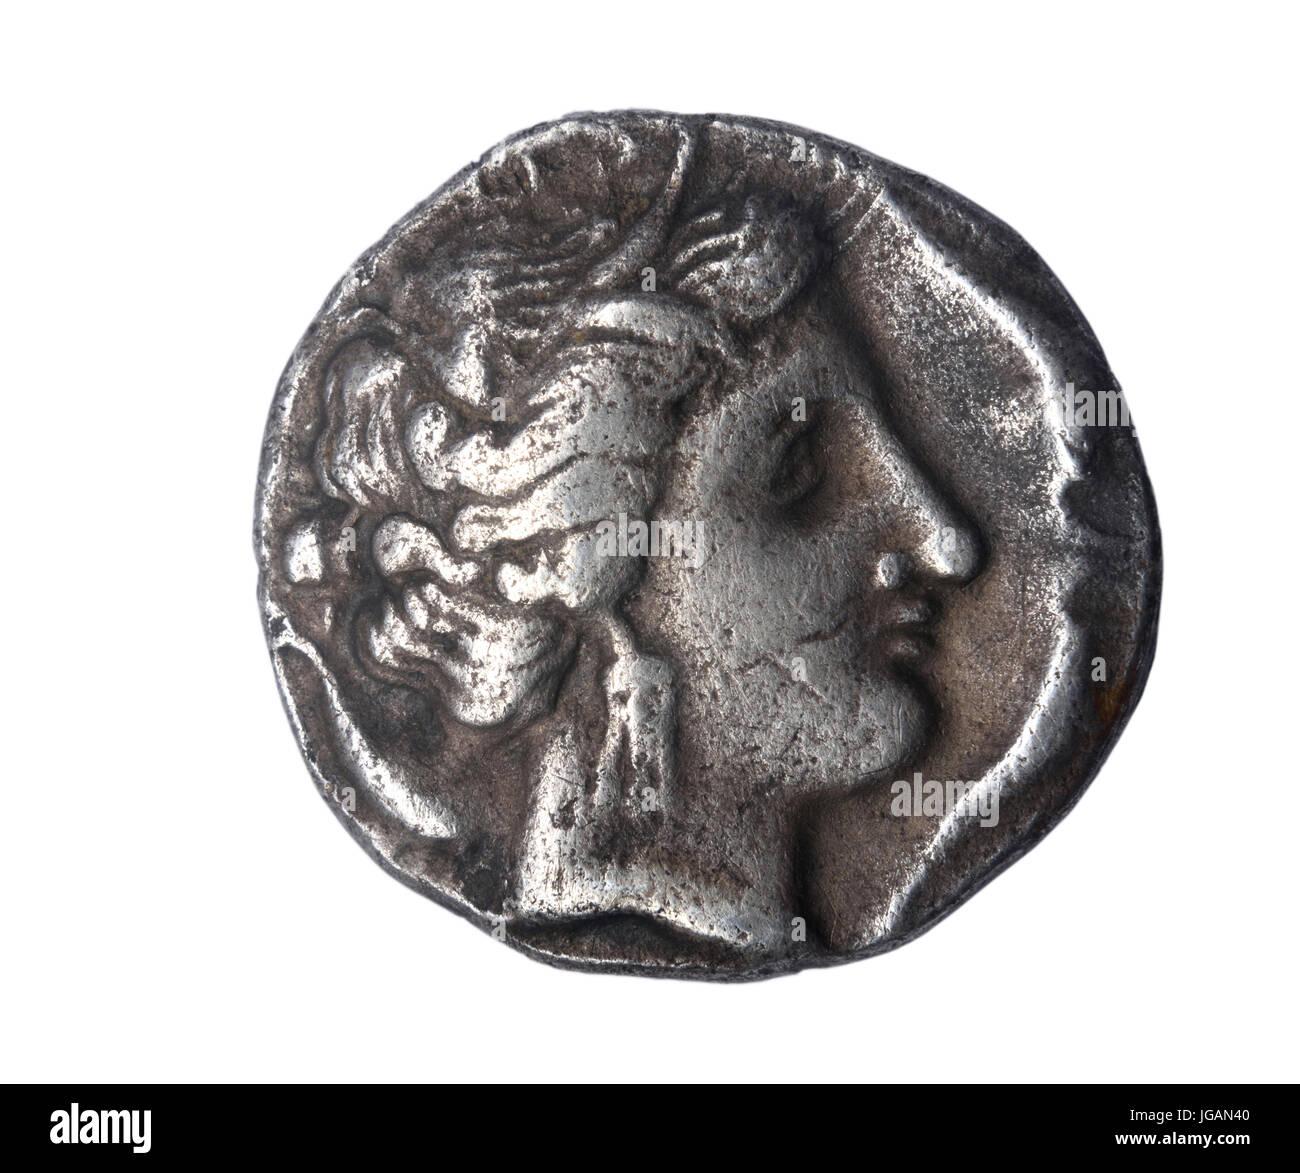 Dracma, siglo III a. de J. C. frontal: Cabeza de una divinidad inversa: Pegasus y leyenda actual de Ampuritanos Emporion (Ampurias) Foto de stock